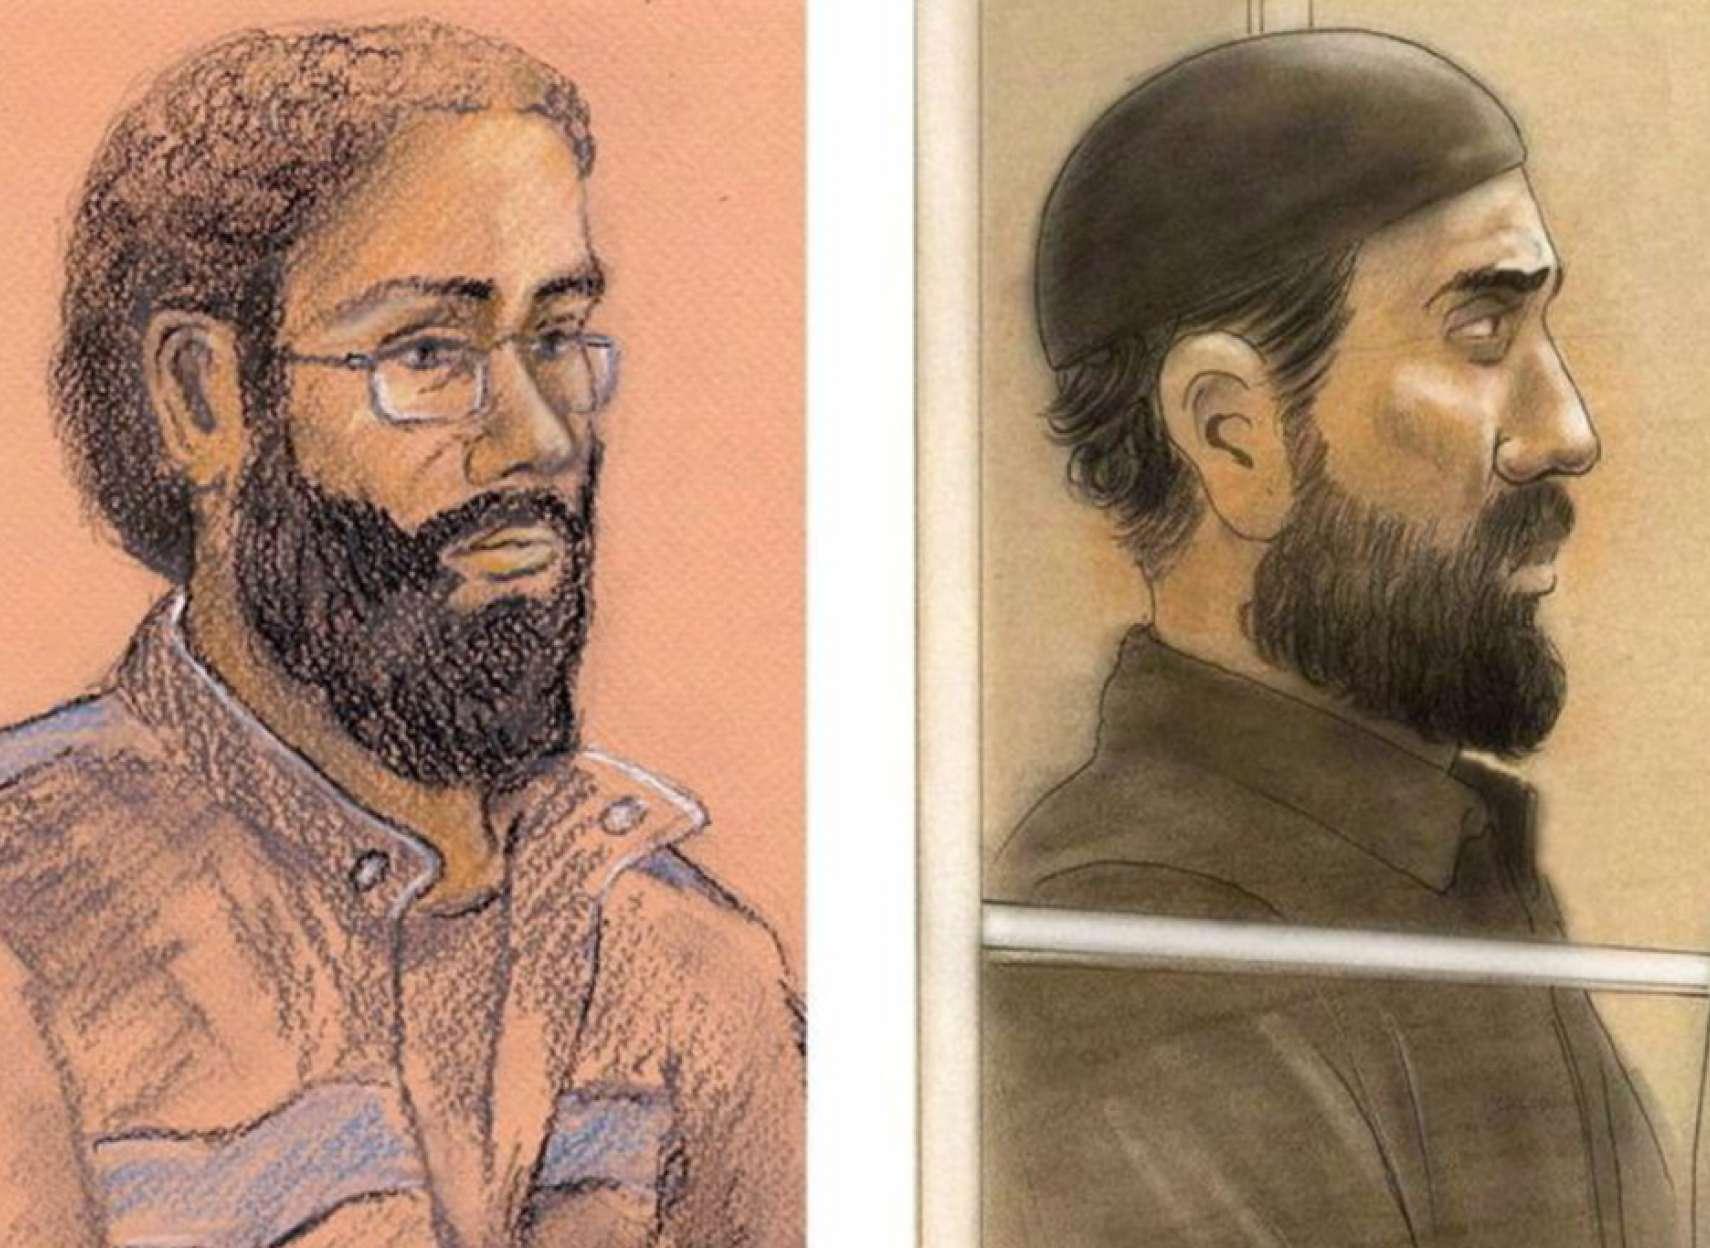 اخبار-کانادا-محاکمه-مجدد-دو-مسلمان-متهم-به-کشیدن-نقشه-ترور-بعلت-اشکالات-دادگاه